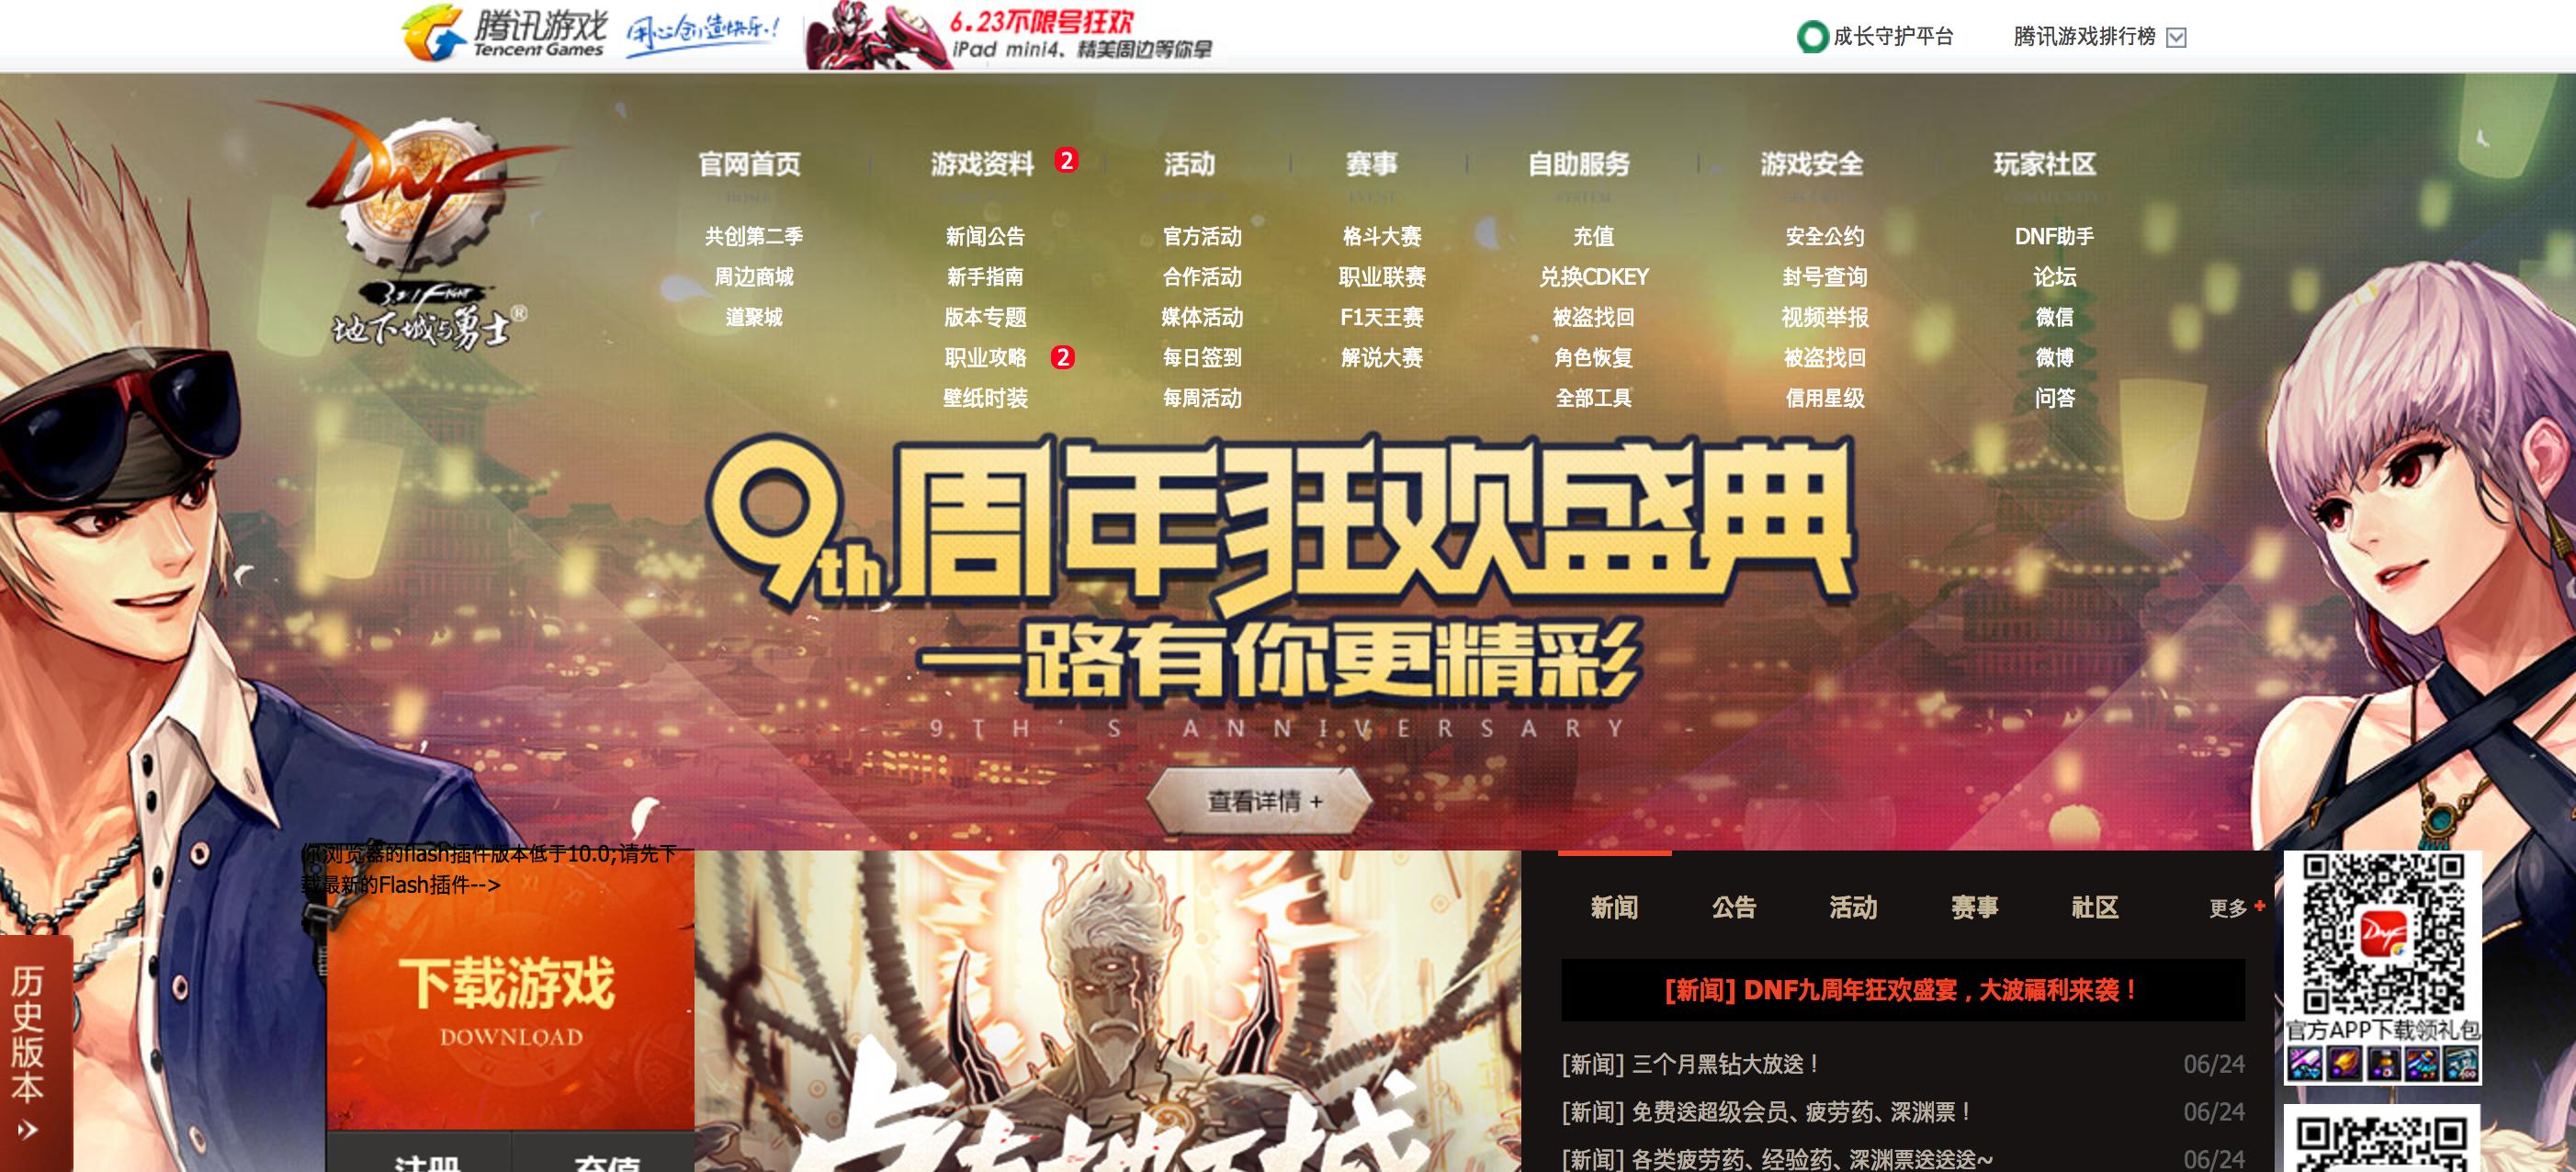 [기획기사] 중국시장 진출 3 - 과연 텐센트가 답일까?